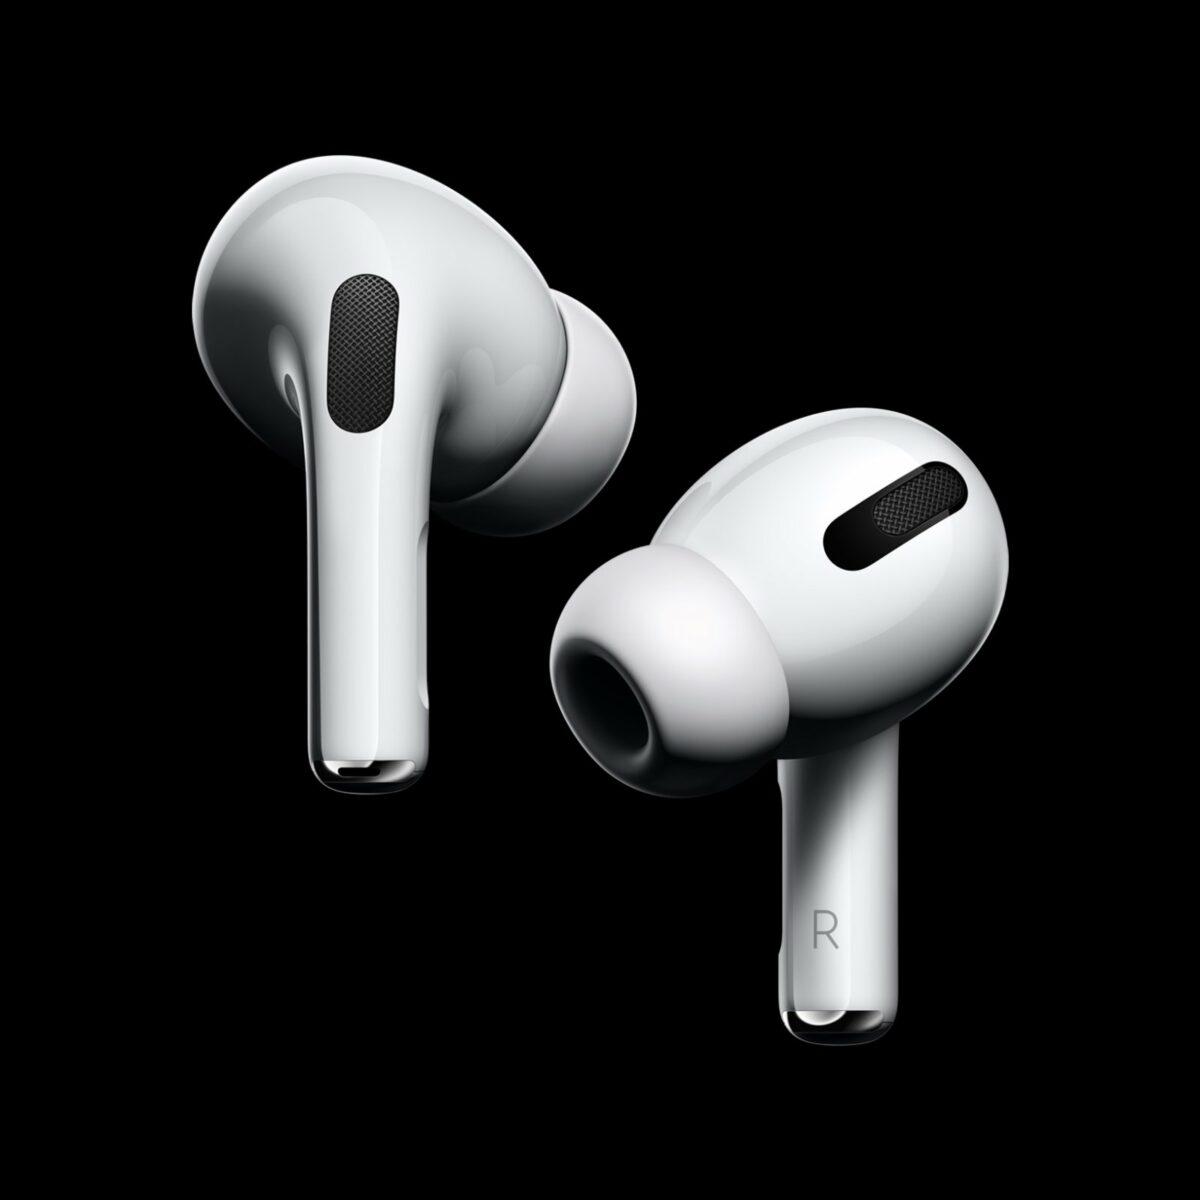 Die AirPods Pro von Apple